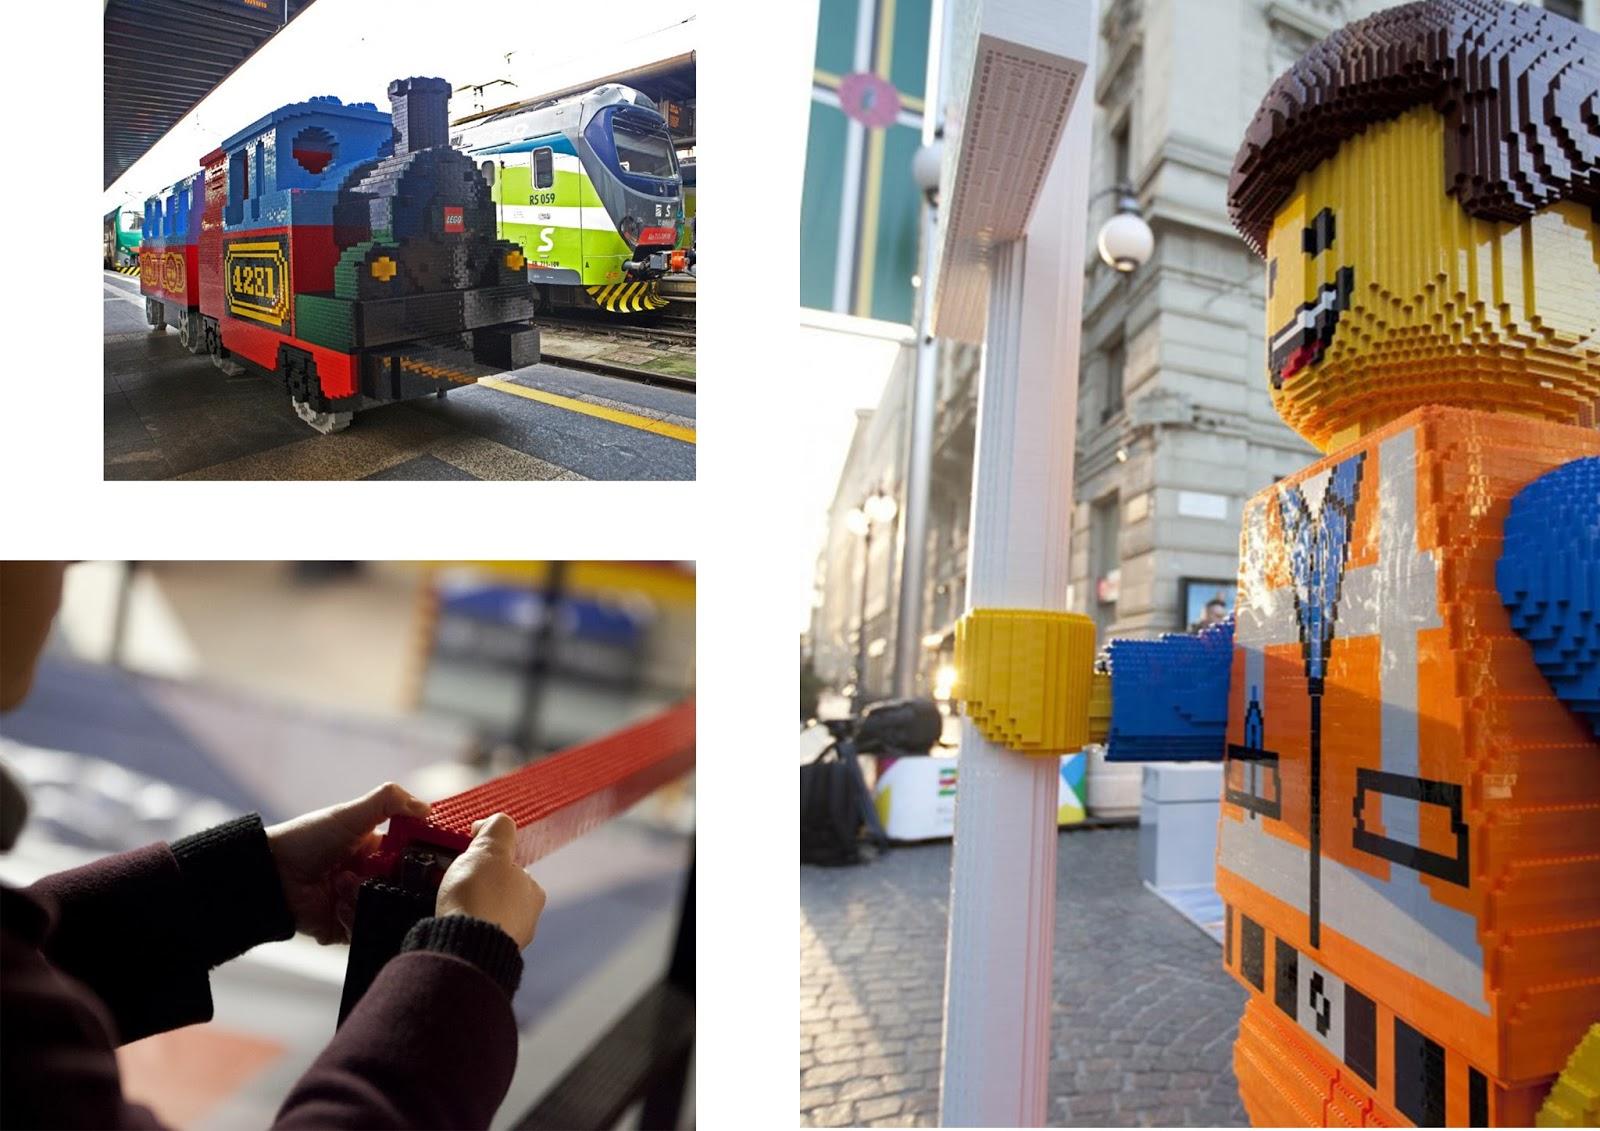 Lego mania a milano i mattoncini colorati s 39 impossessano for Design della moda milano